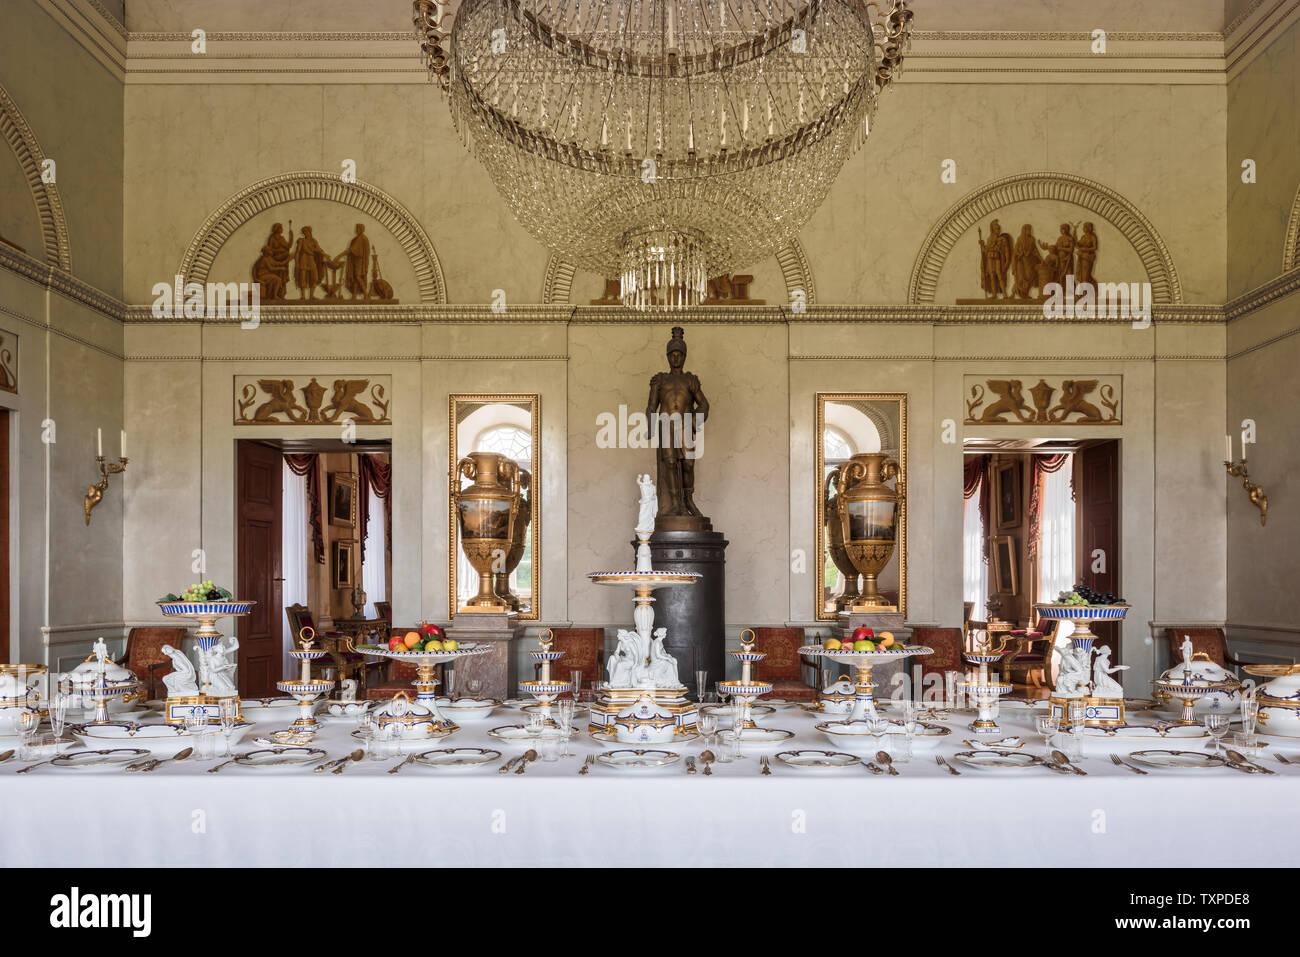 Ein Bankett im Schloss Fasanerie in Hessen; Deutschland Stockfoto